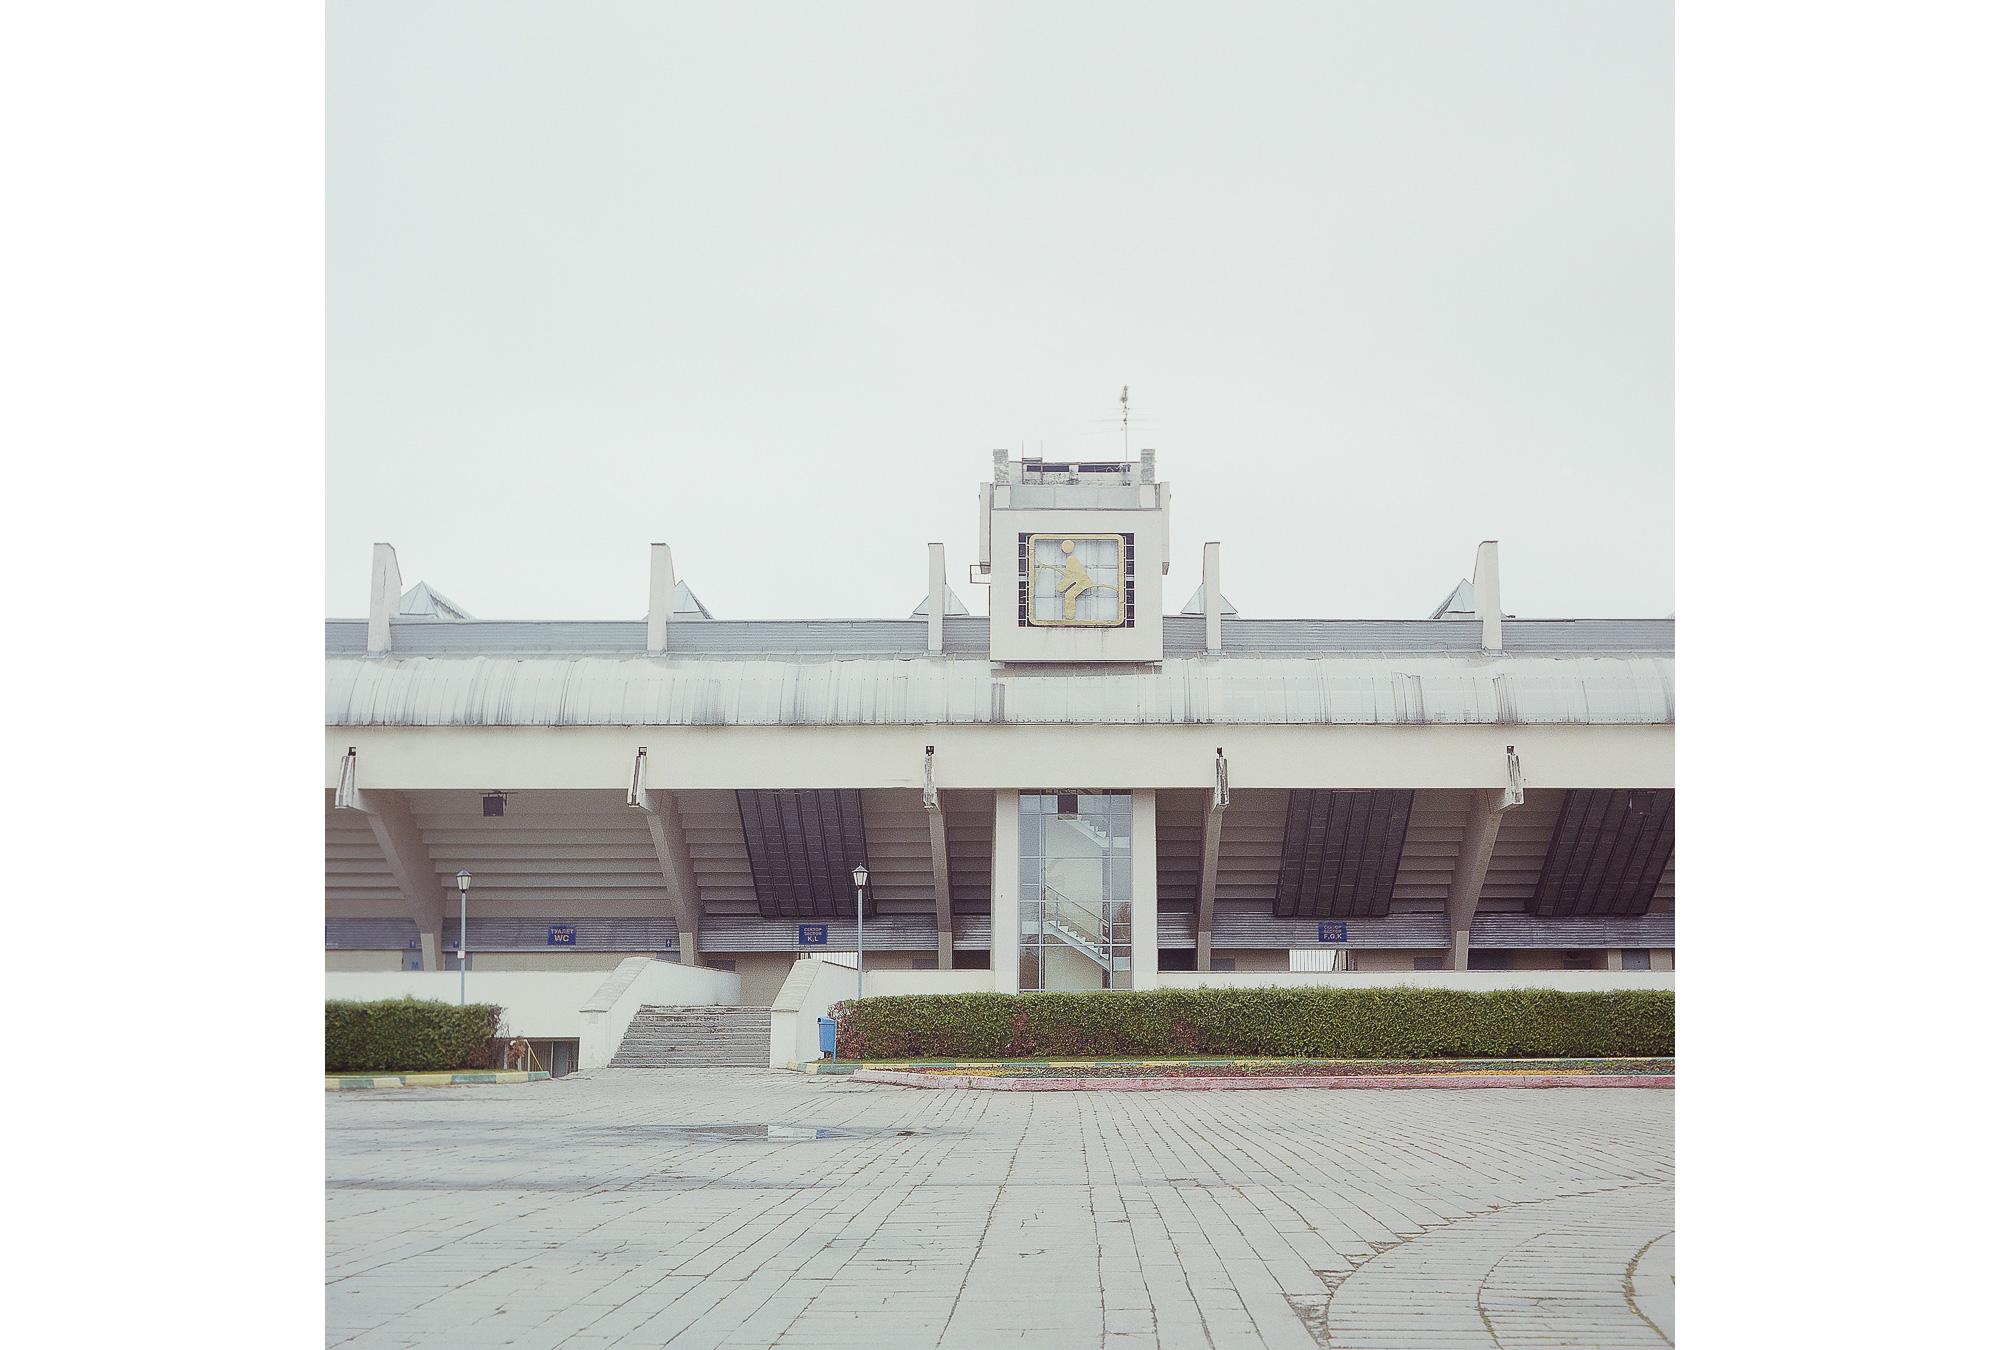 Außenansicht des Bitza-Reitsportstadions. Der 1980 errichtete Sportkomplex ist immer noch das größte Reitsportstadion in Europa. Während der Olympischen Spiele in Moskau fanden hier alle Pferdesport-Wettkämpfe statt. Der Komplex wird auch weiterhin für den Pferdesport genutzt.